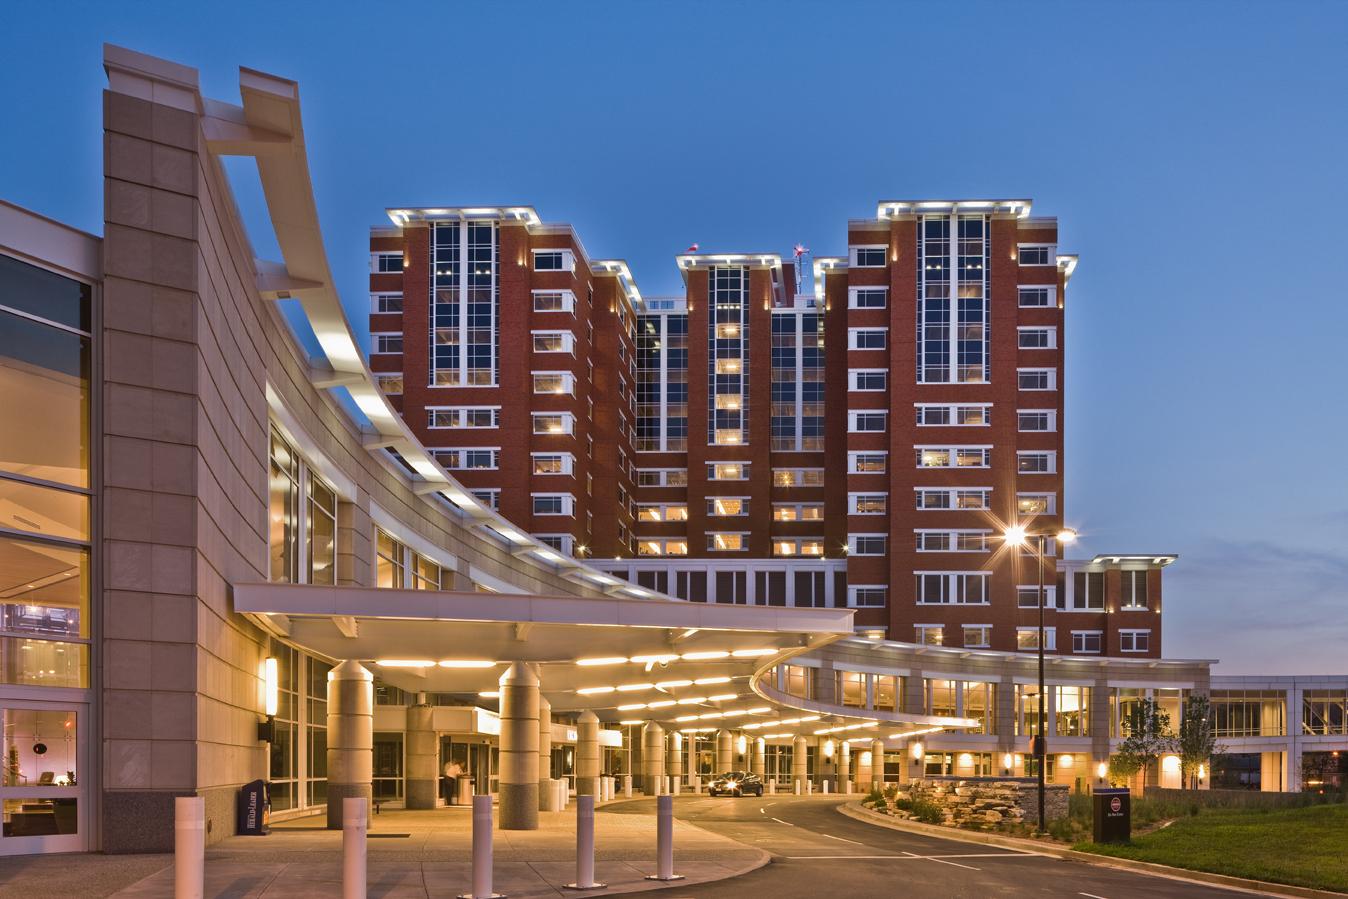 University of KY Albert Hospital.jpg